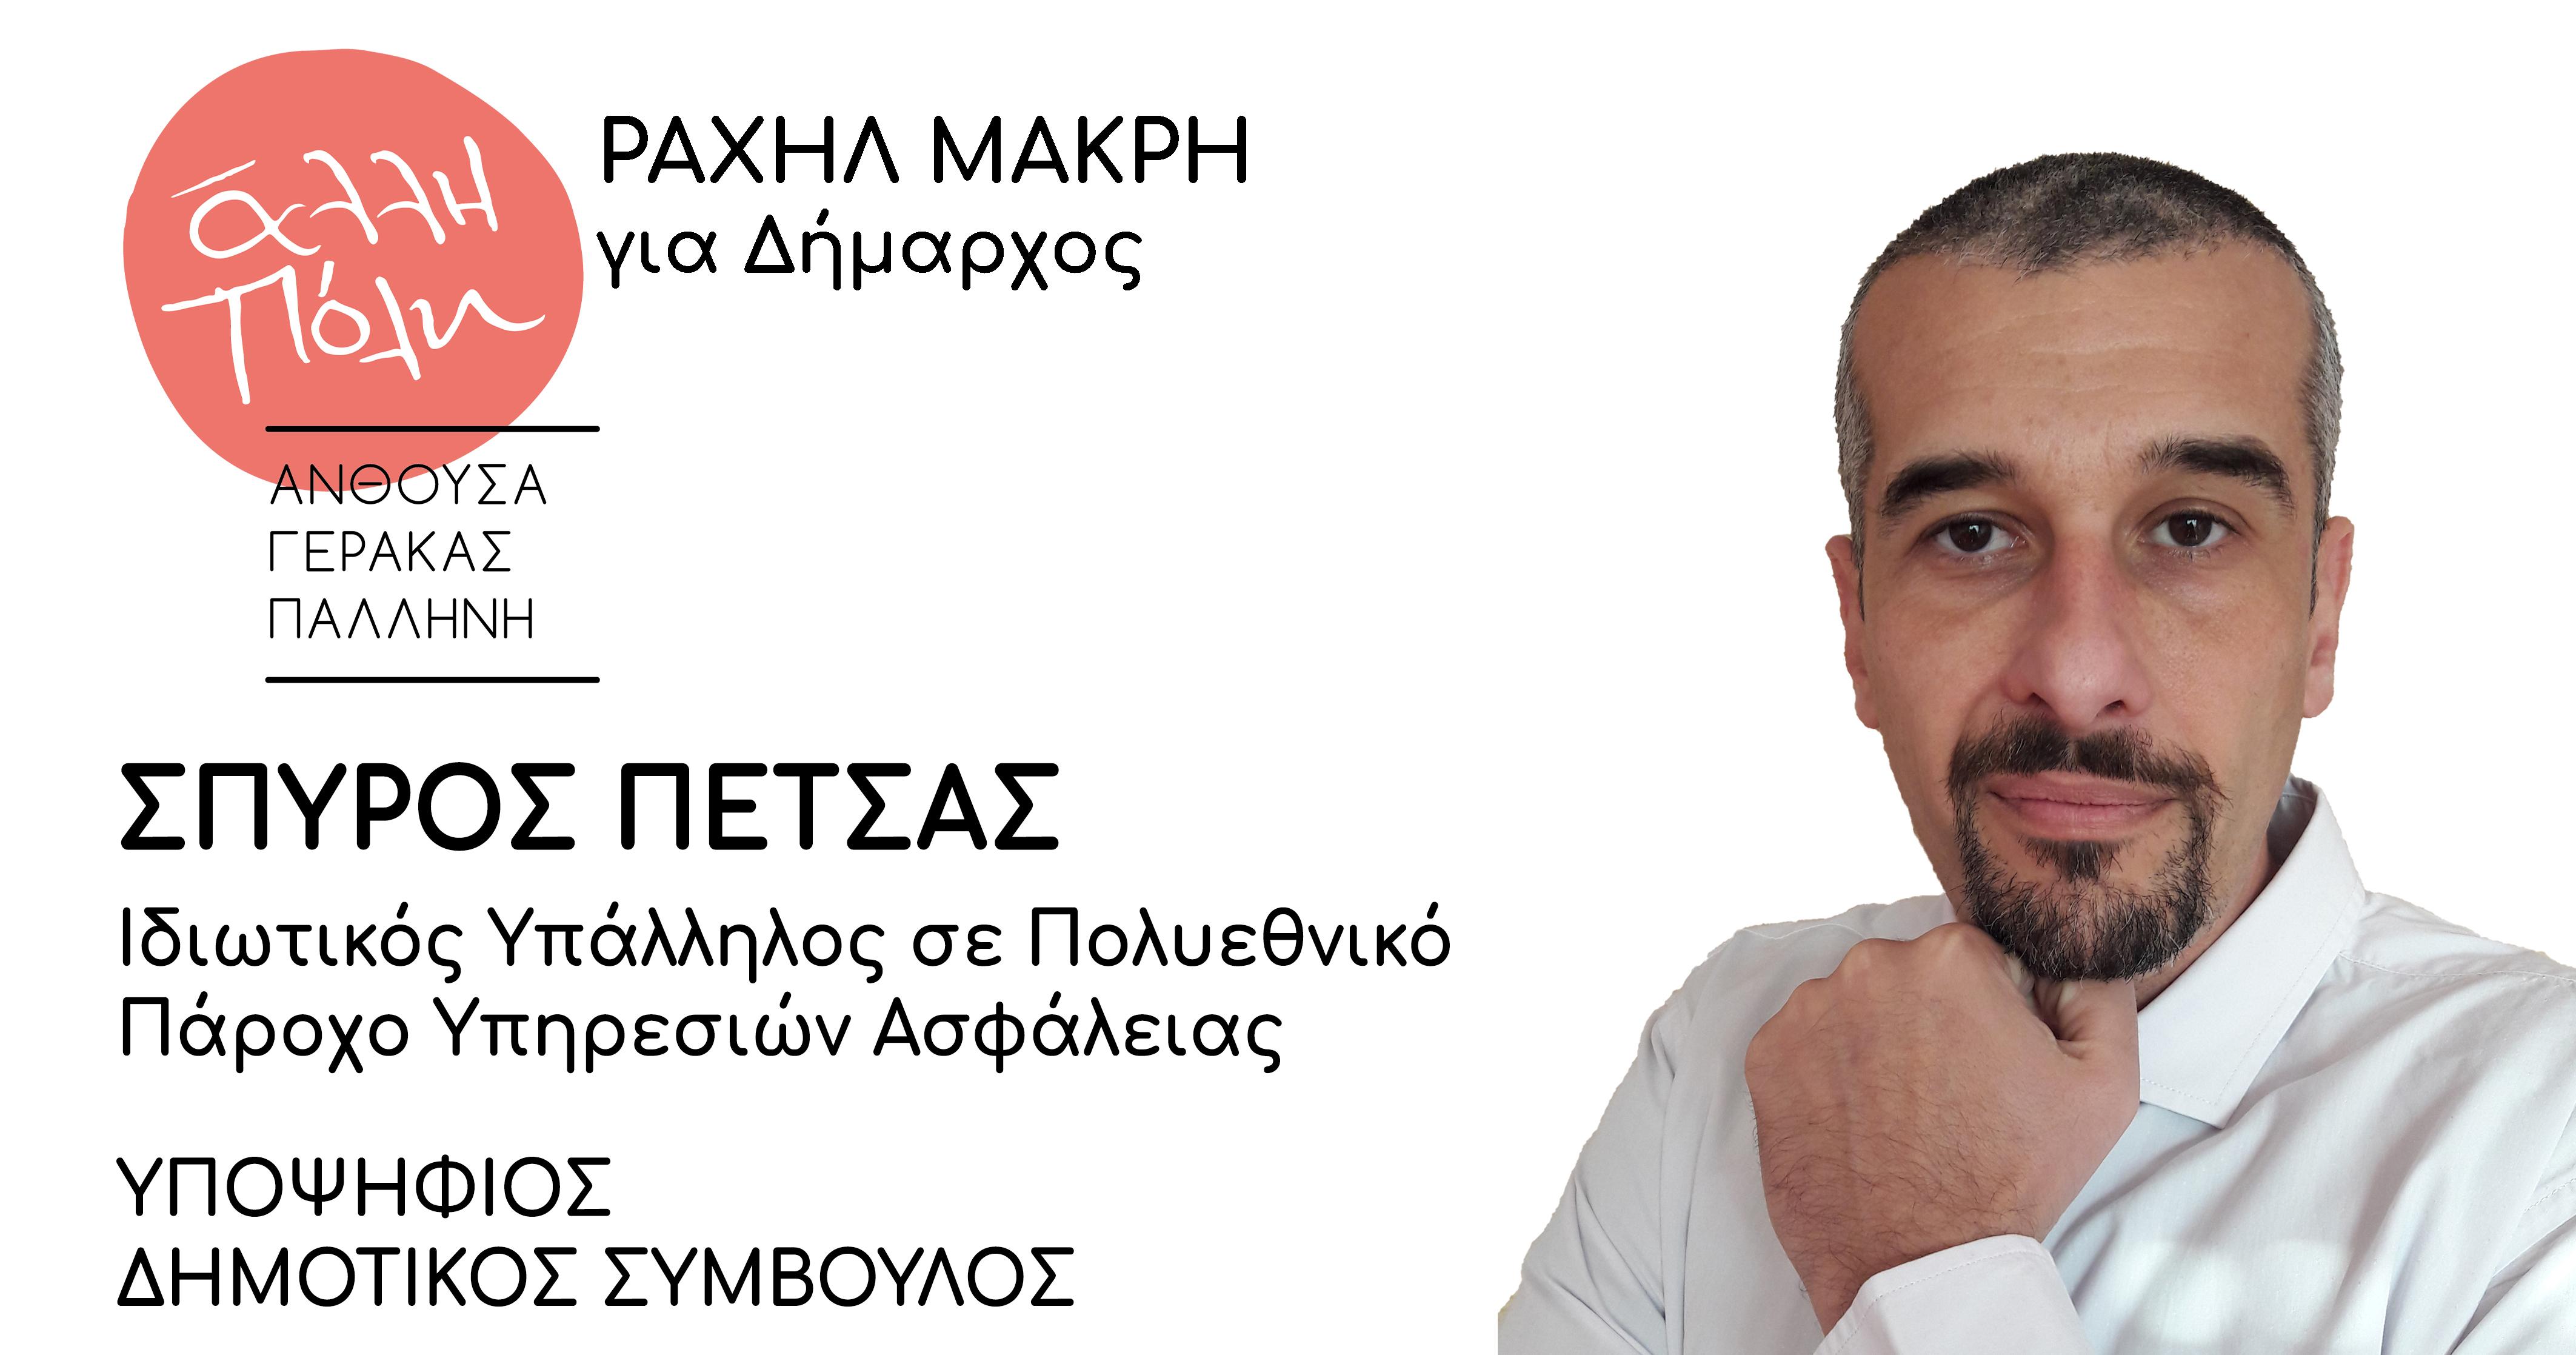 Υποψήφιος Δημοτικός Σύμβουλος – Σπύρος Πέτσας